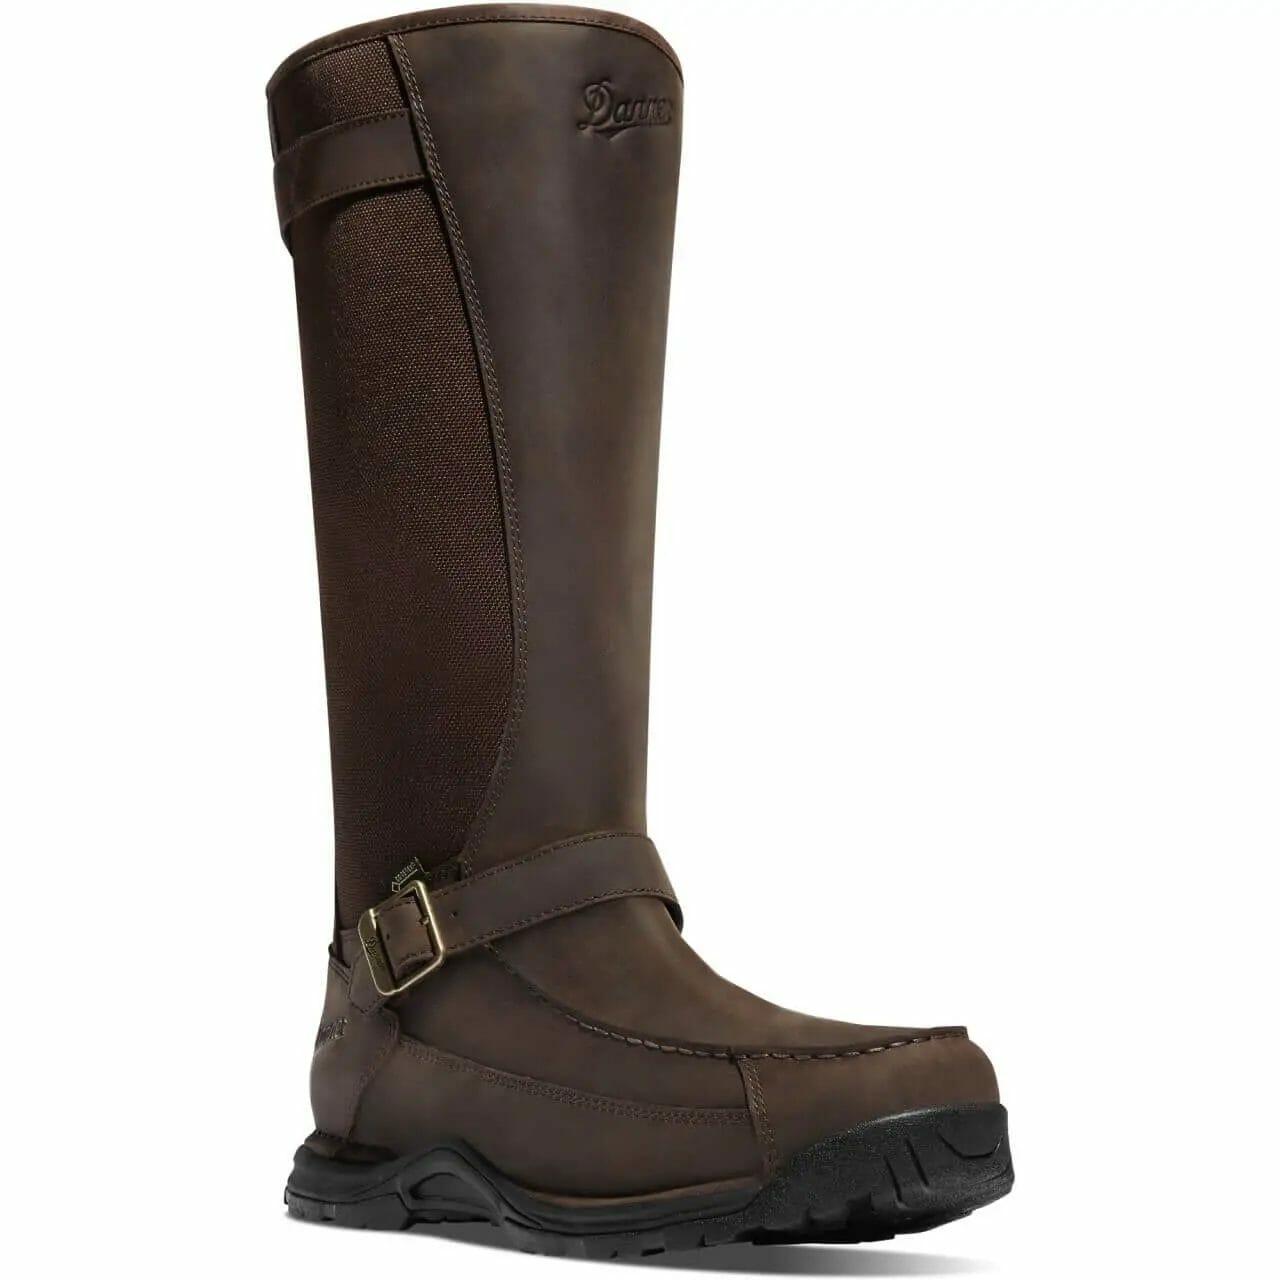 Danner Sharptail Snake Boot for Men full leather front and 900 Denier Nylon snake guard